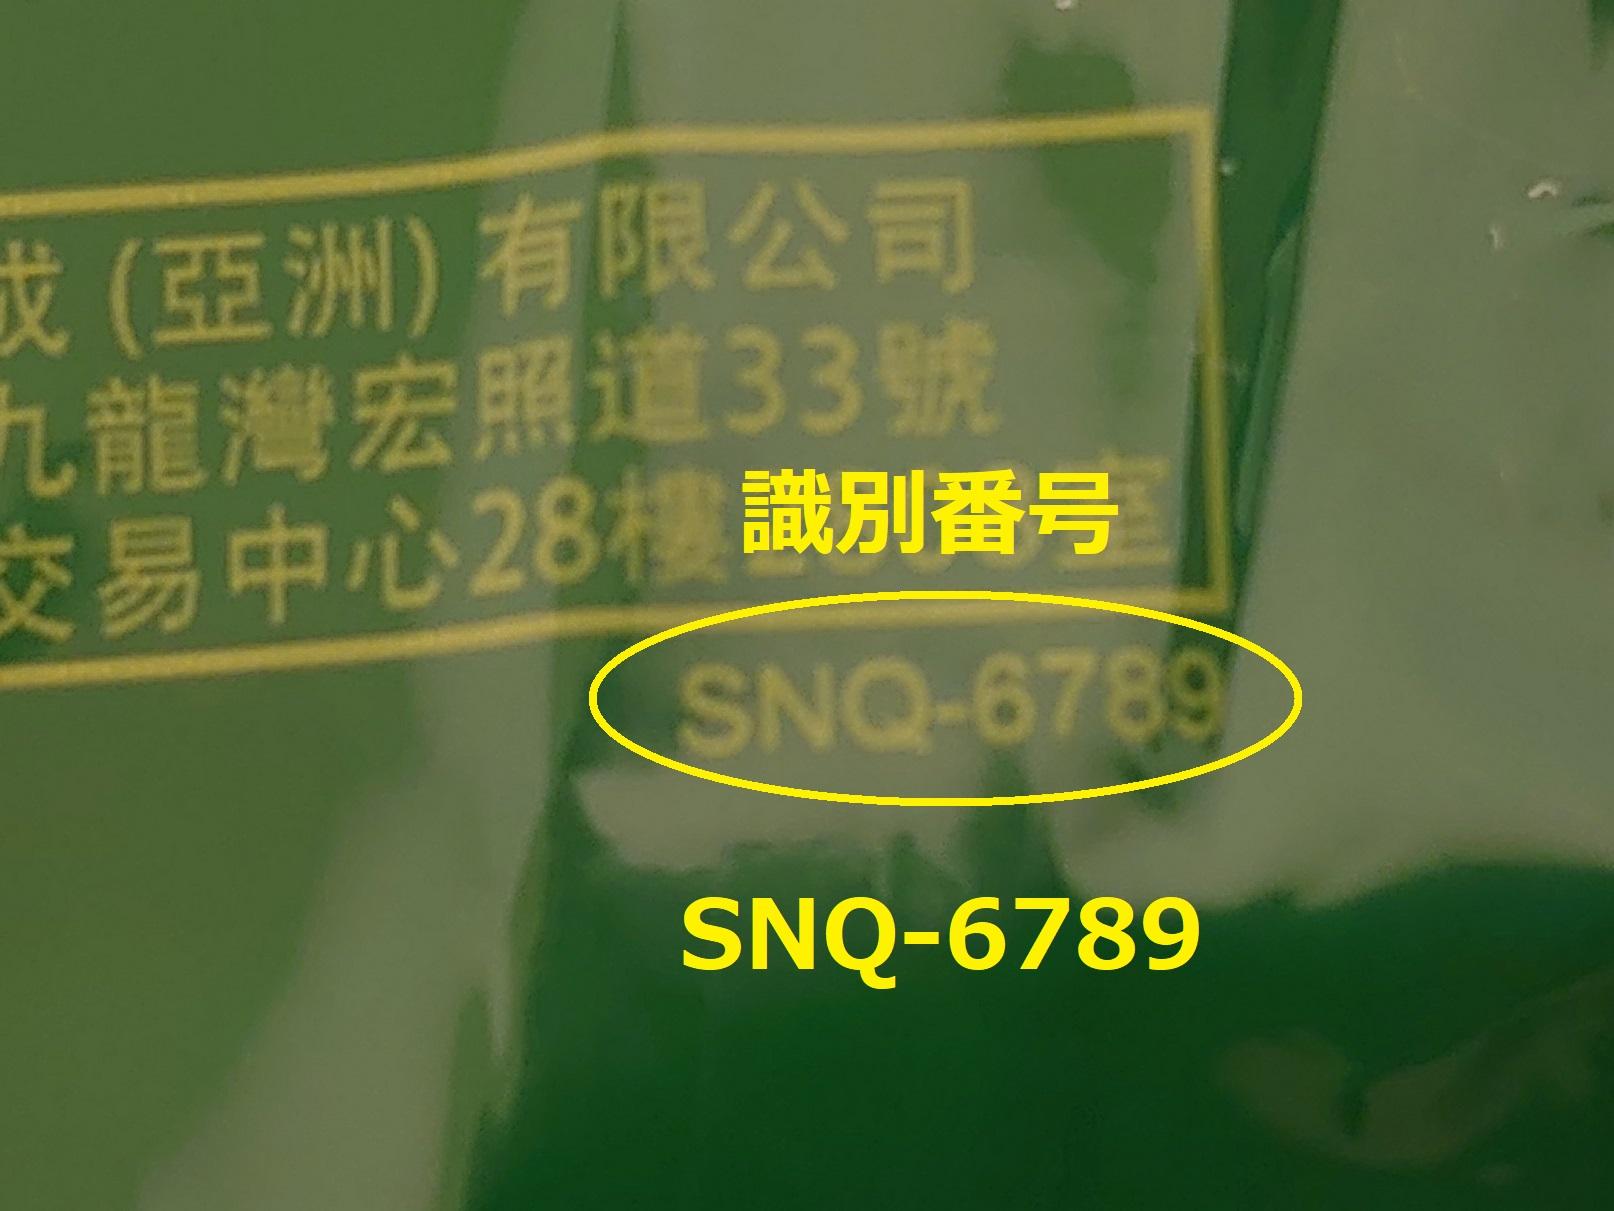 識別番号:SNQ-6789